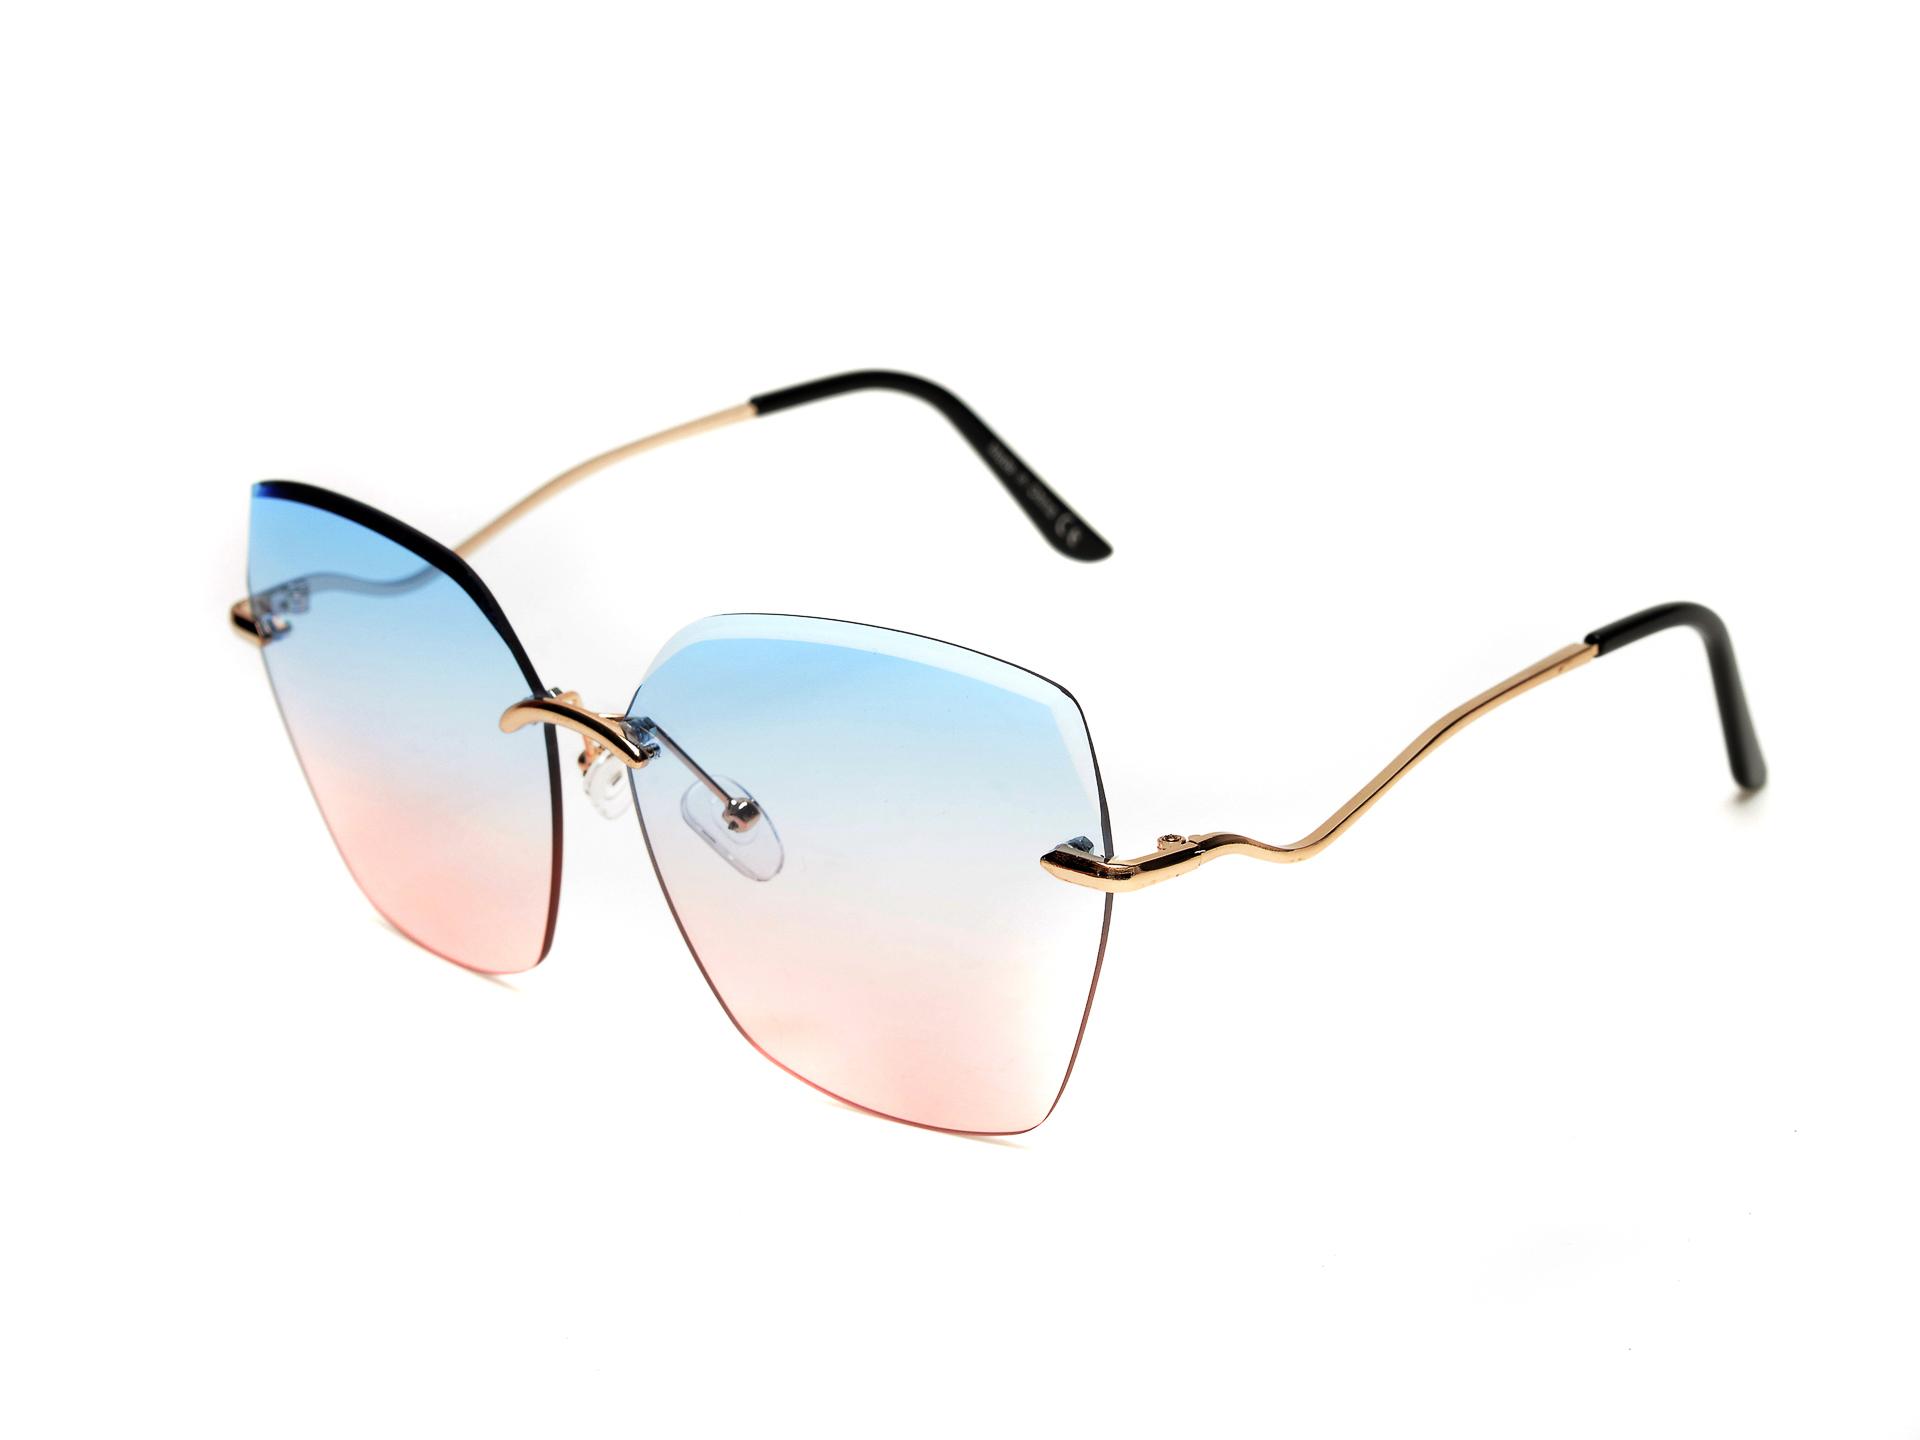 Ochelari de soare ALDO aurii, Istada710, din PVC imagine